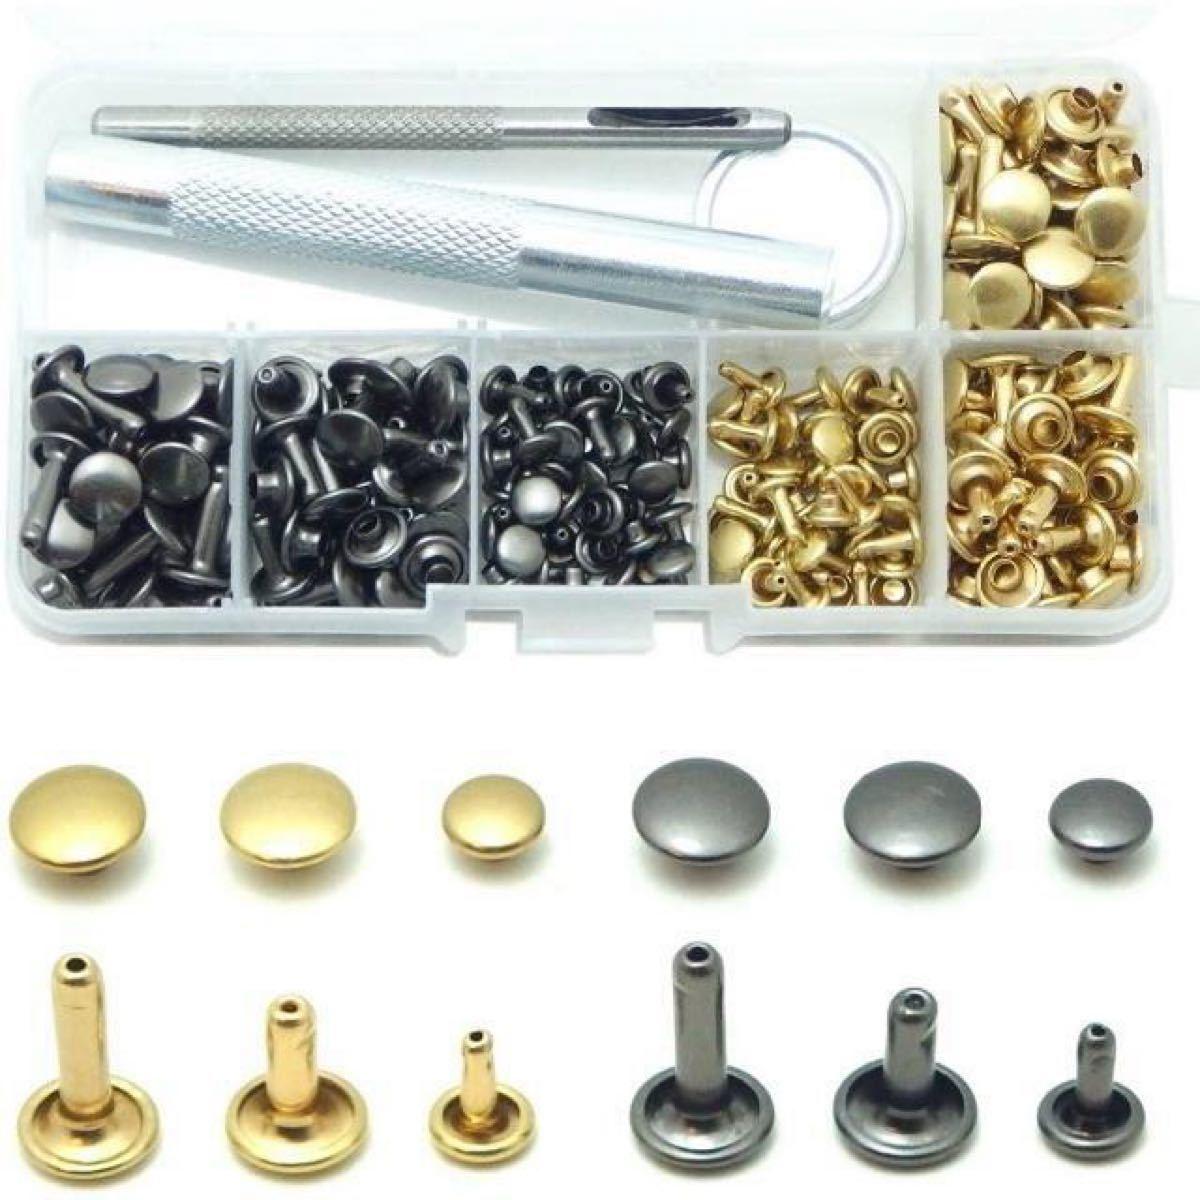 両面 カシメ 選べる カラー サイズ + 打ち具 セット レザークラフト 革 道具 (120組:ゴールド×ブ